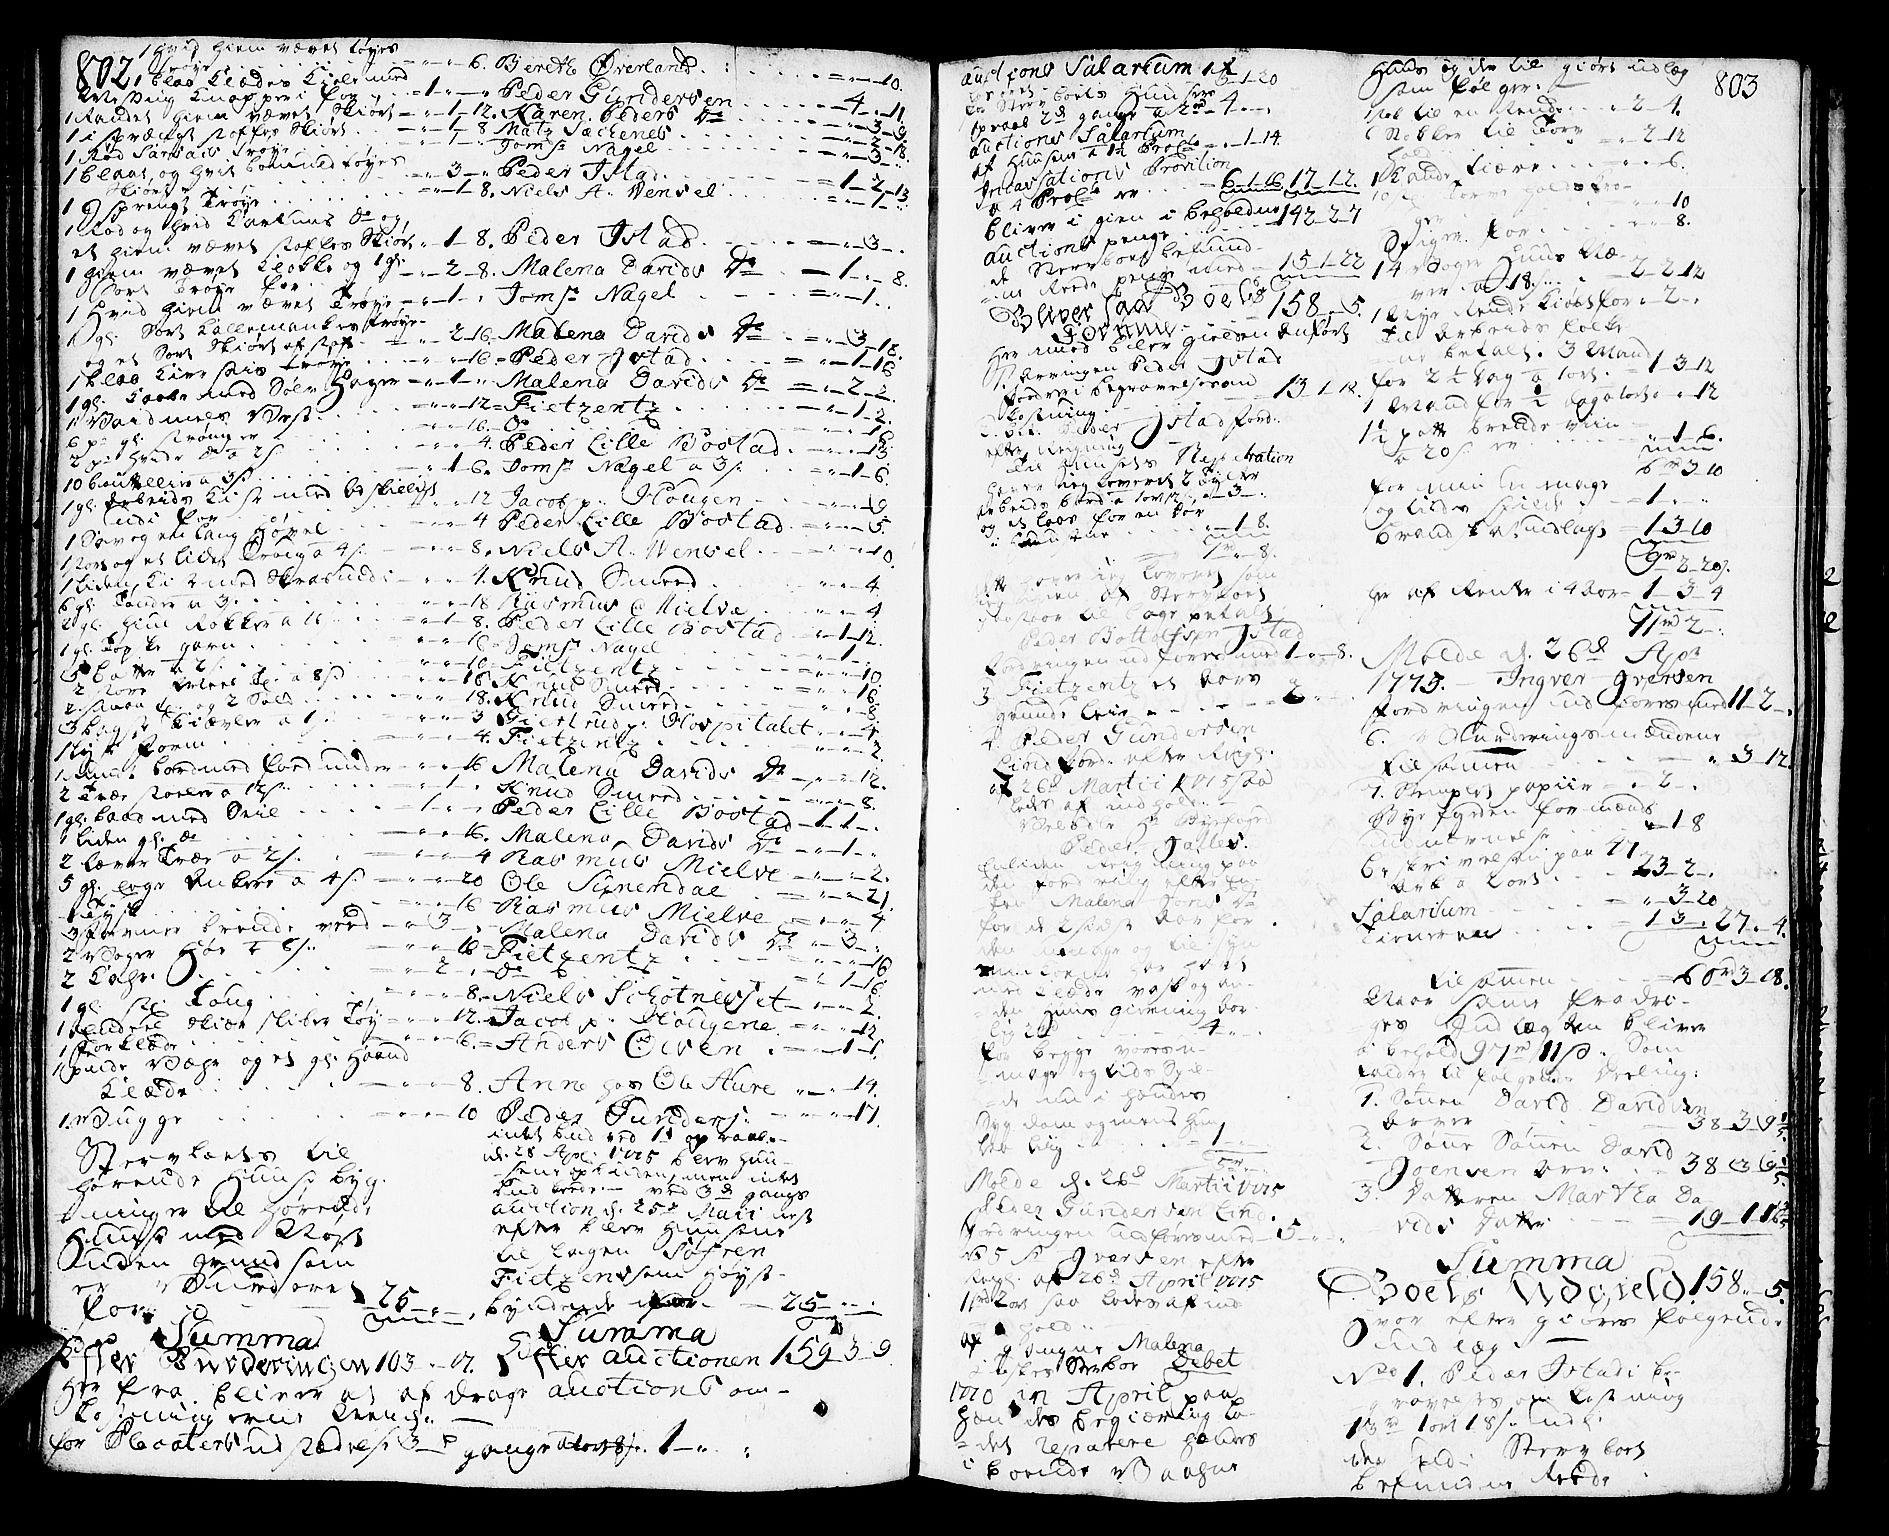 SAT, Molde byfogd, 3Aa/L0002: Skifteprotokoll, 1768-1787, s. 802-803